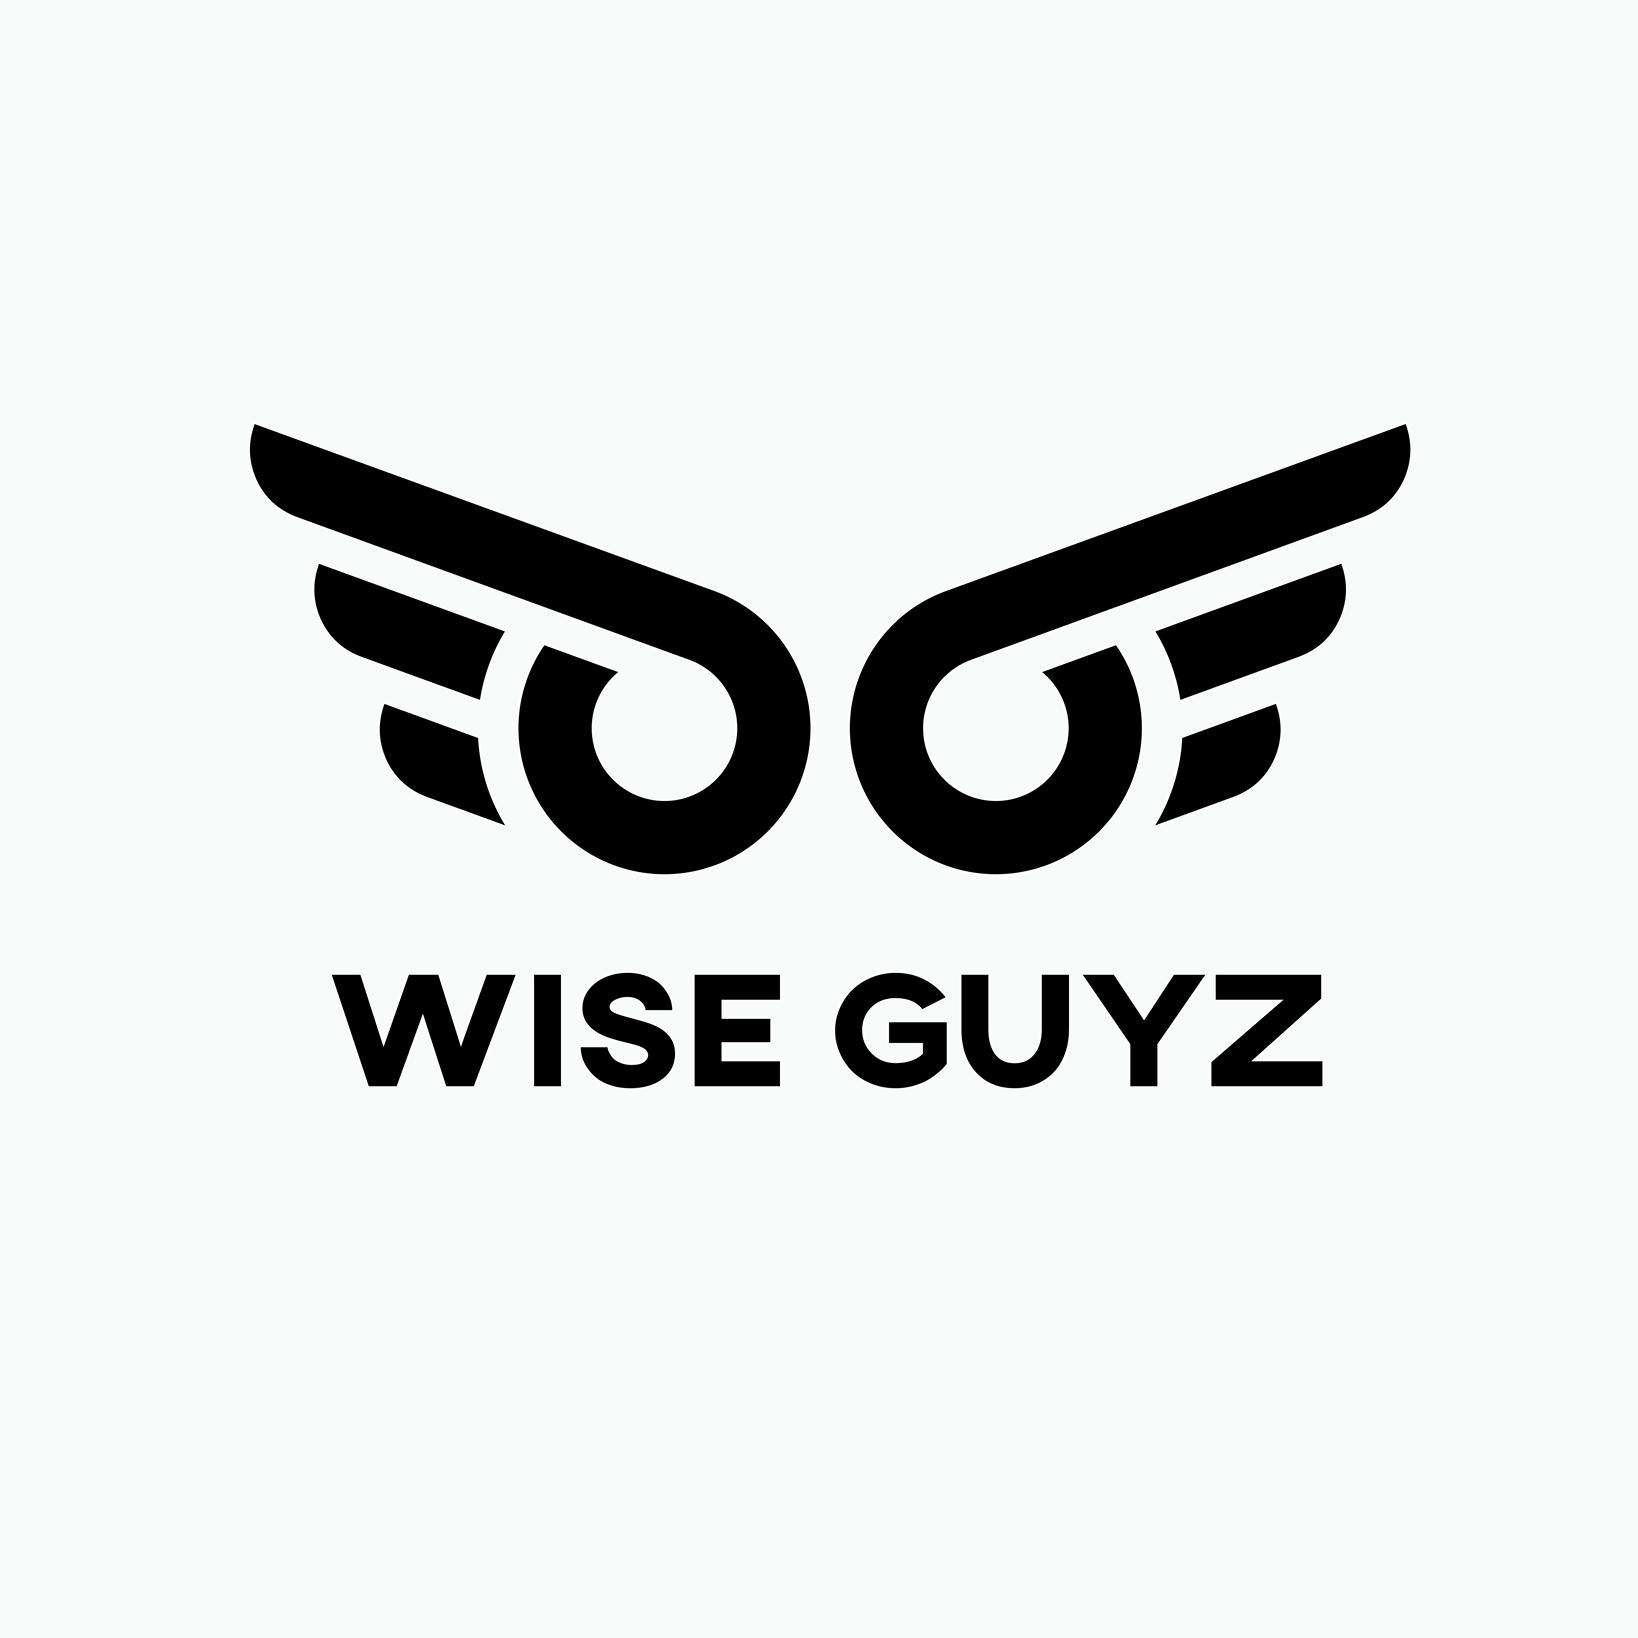 Wise Guyz Services